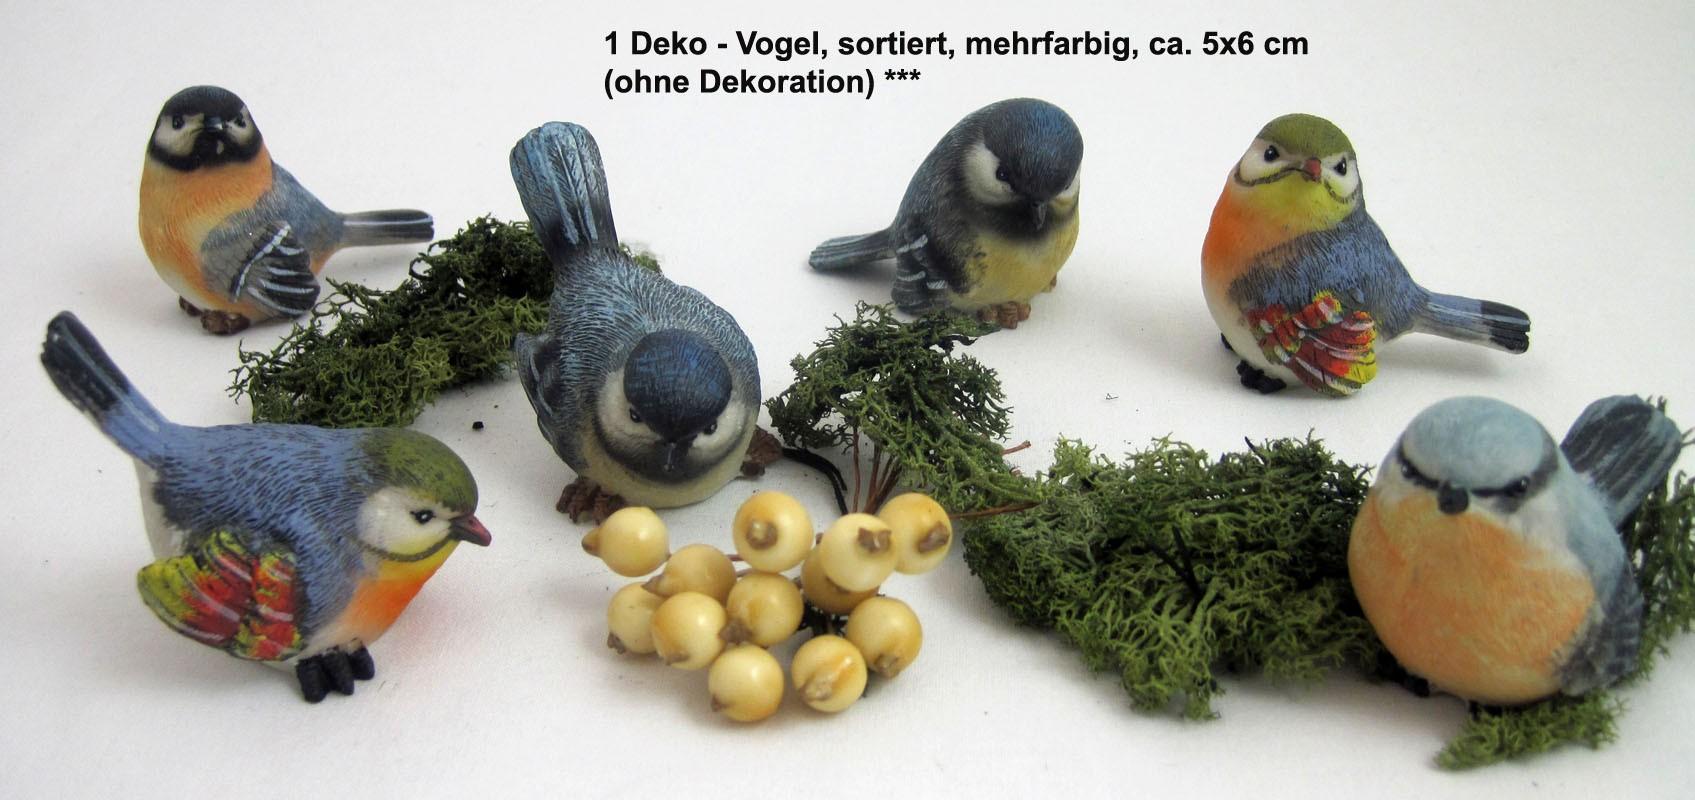 1 Deko - Vogel Kohlmeise, sortiert, mehrfarbig, ca. 5x6 cm